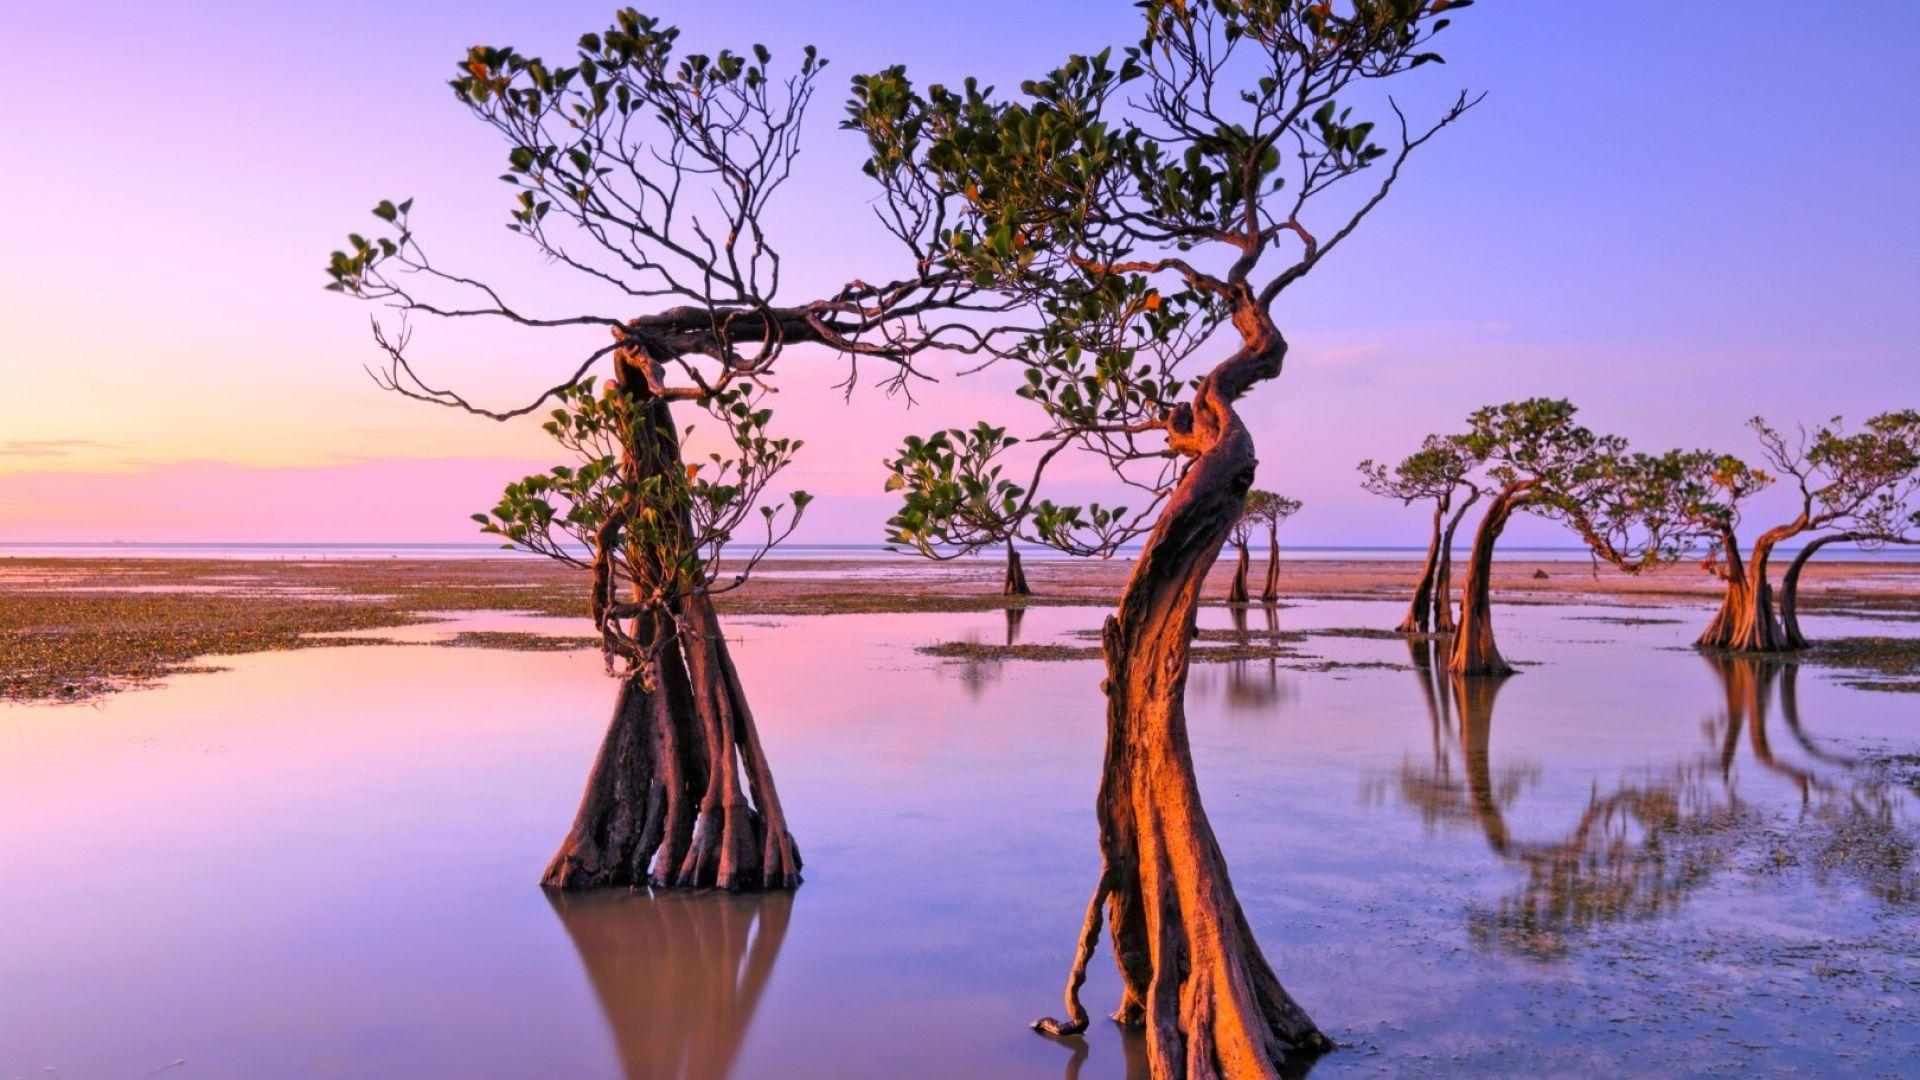 Чудесата на света: Танцуващите дървета на остров Сумба (снимки)